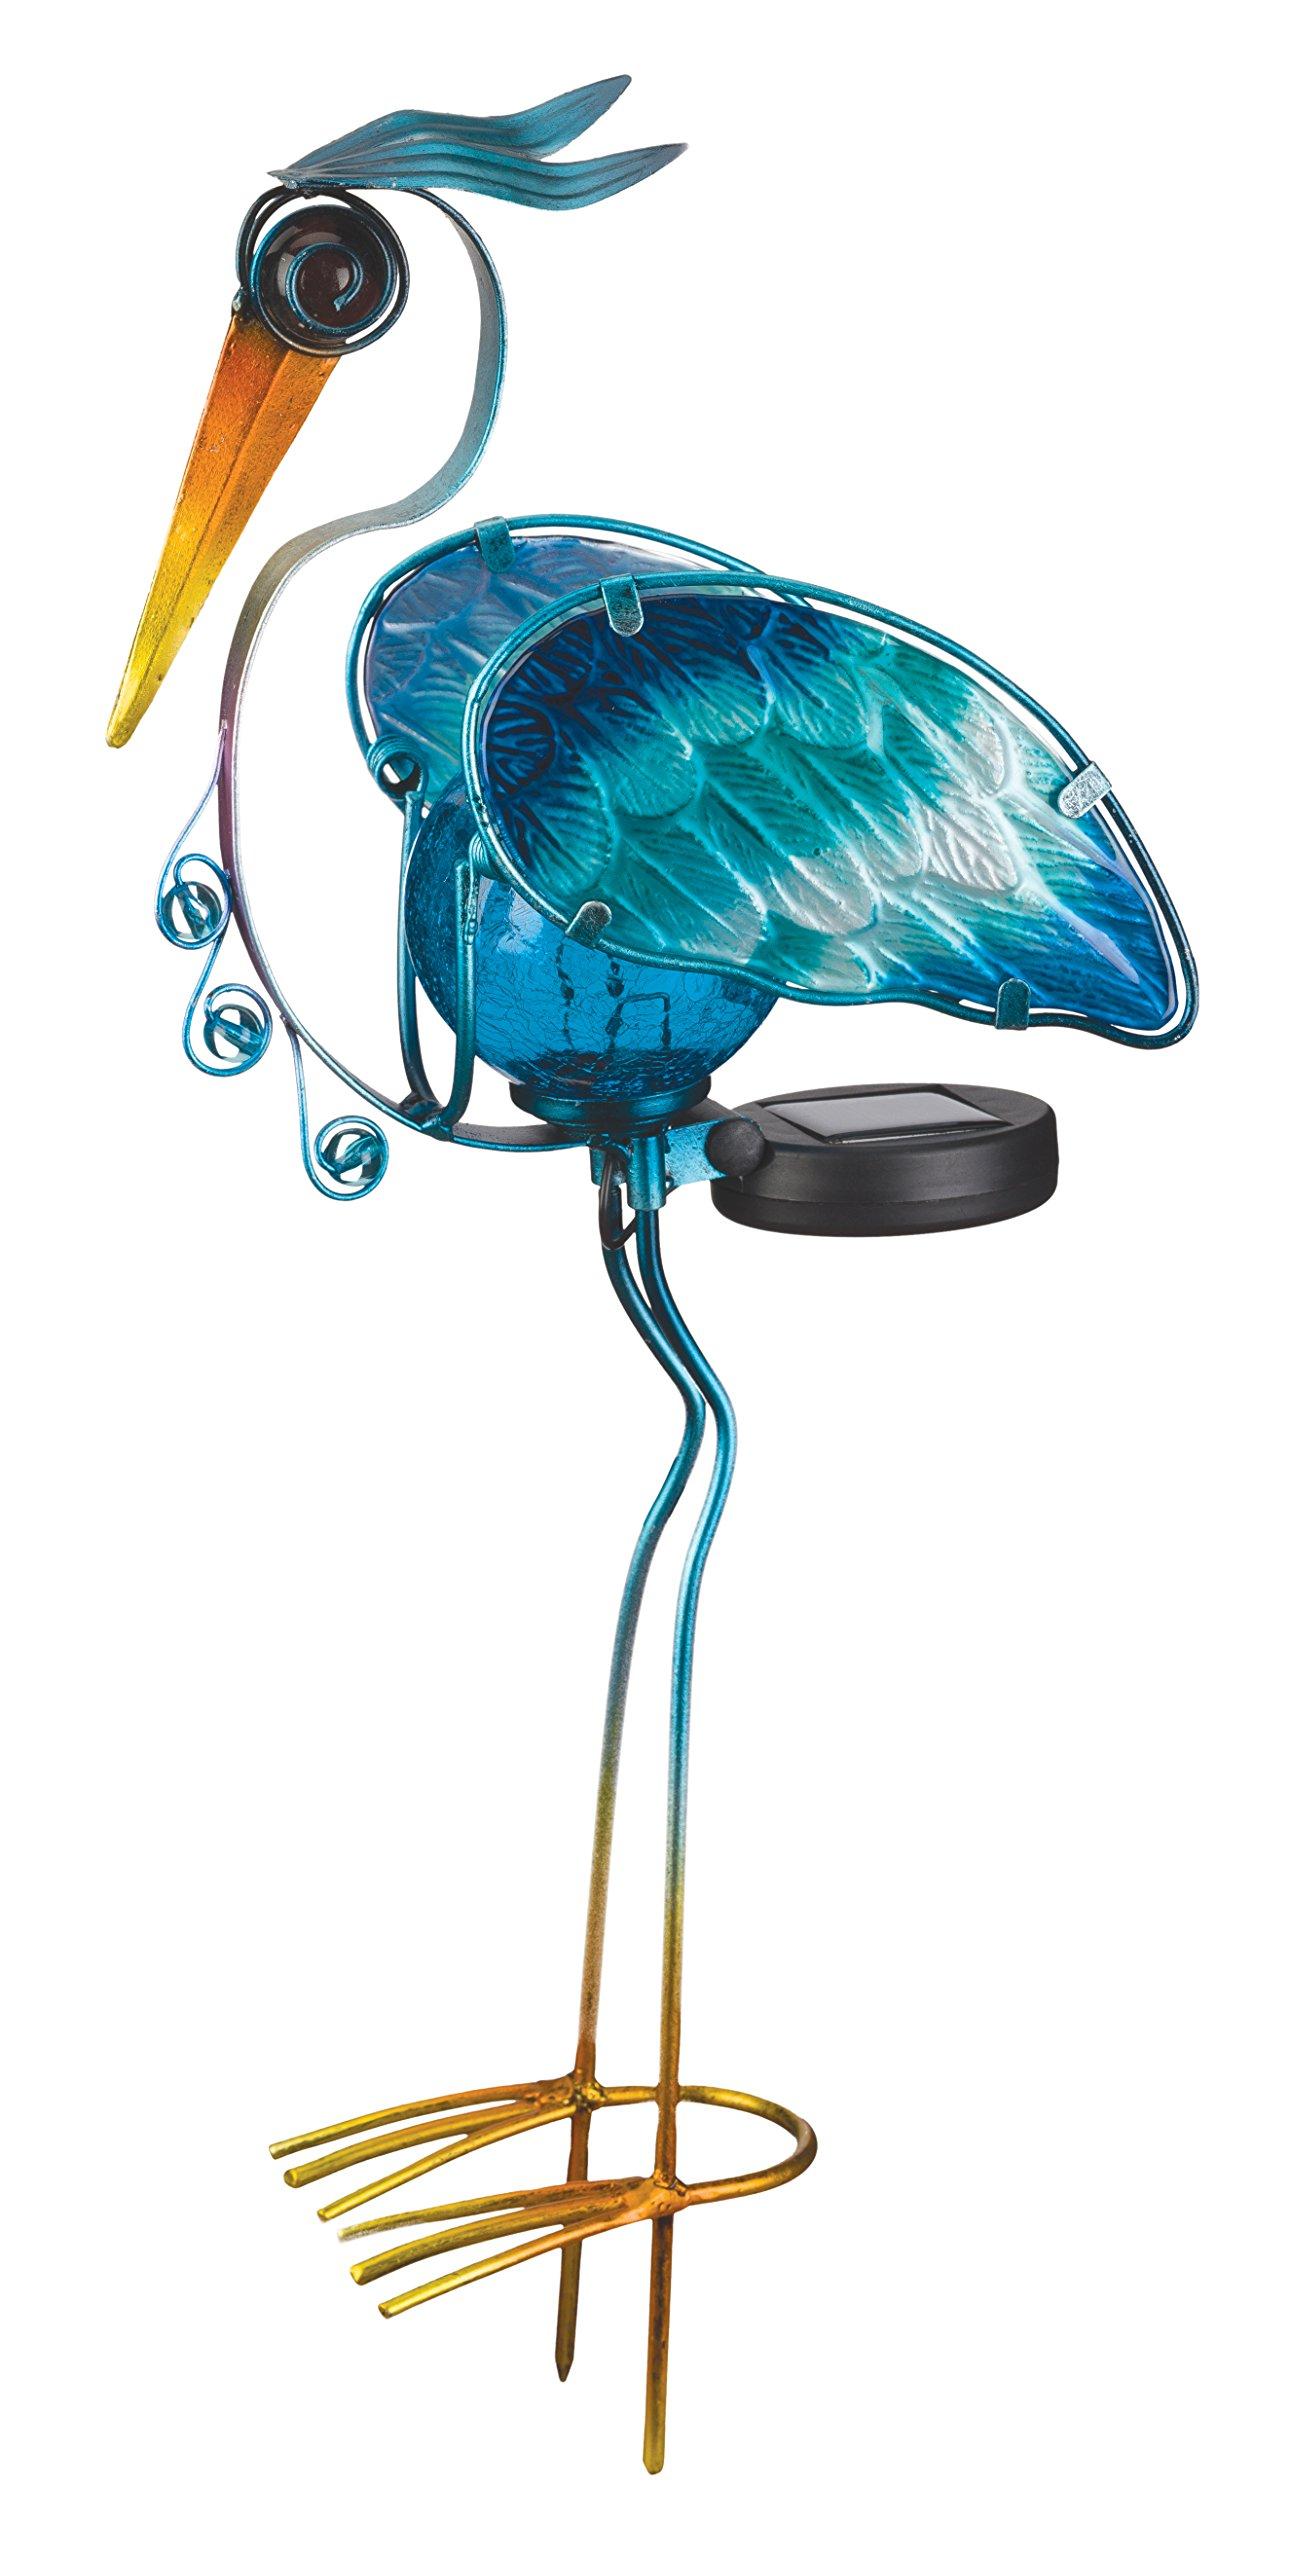 Regal Art & Gift Solar Heron Stake, 21'', Blue